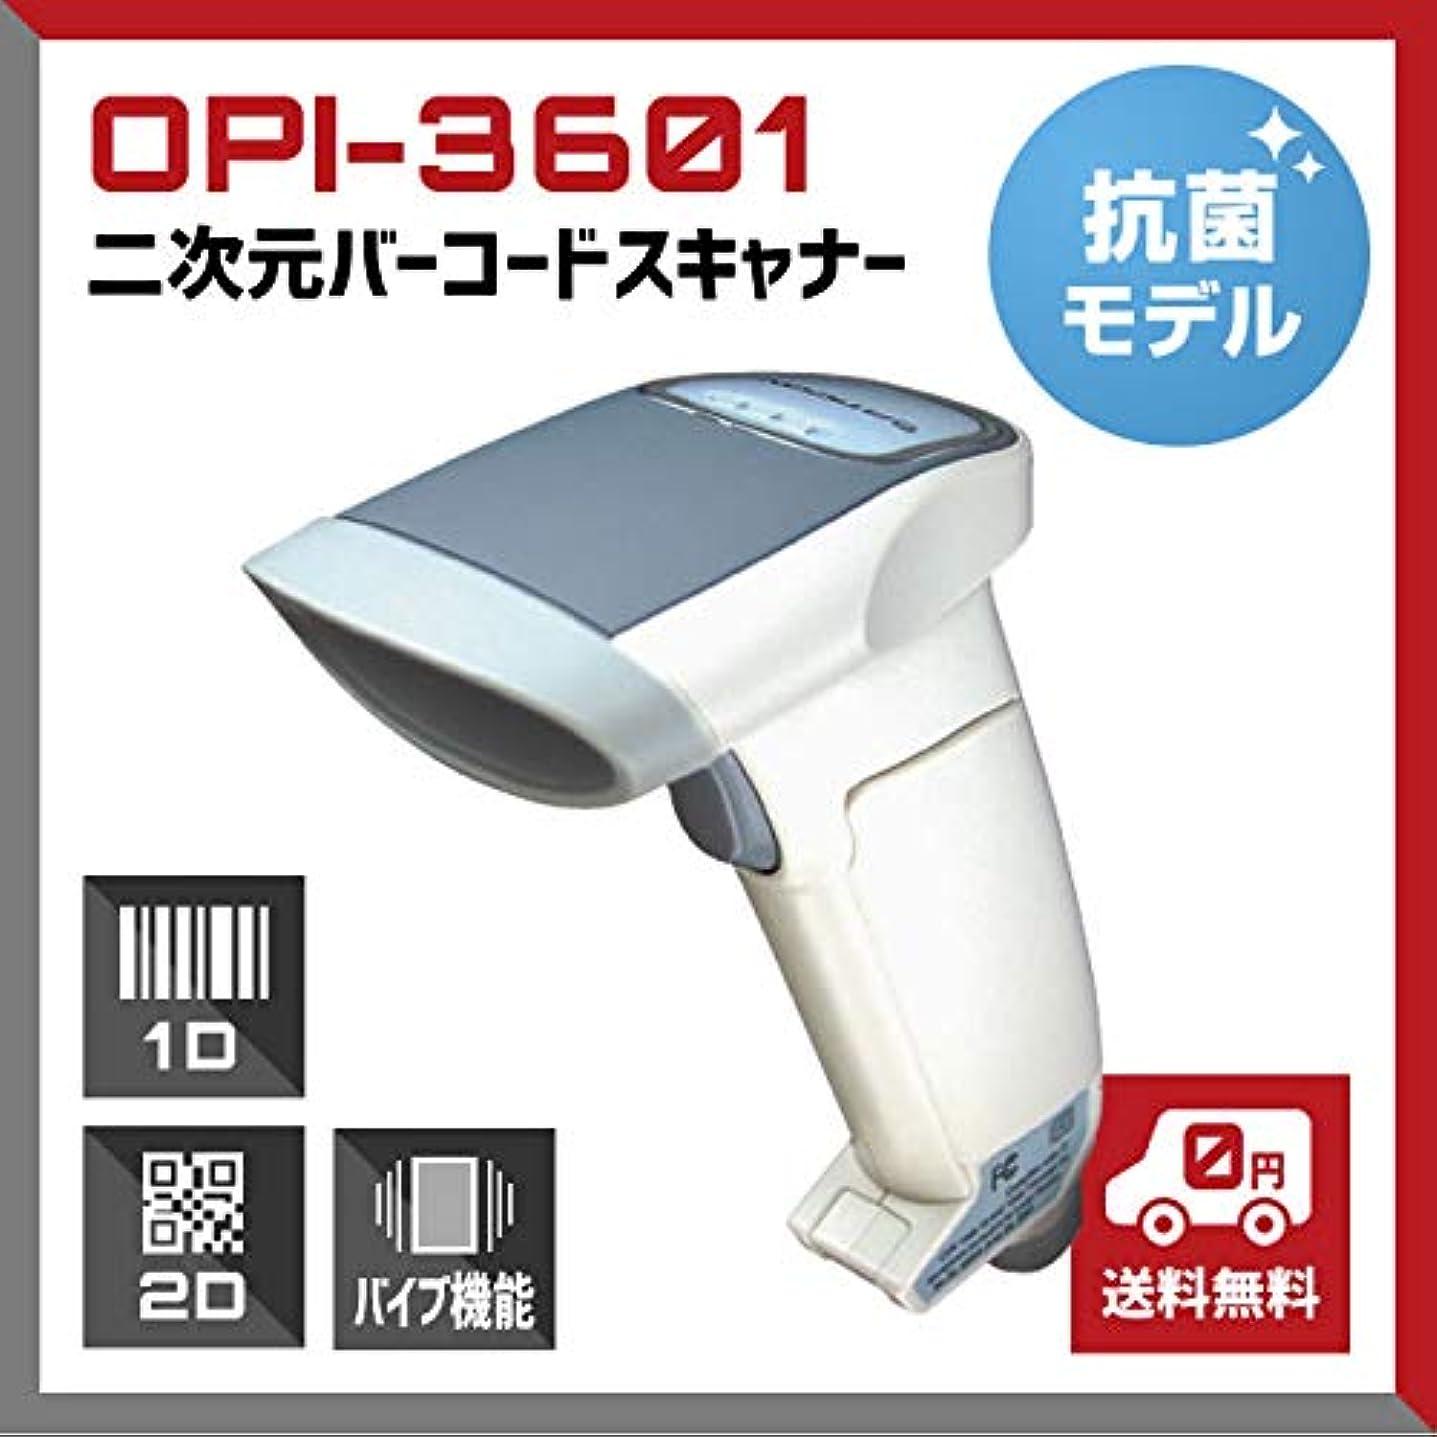 盆コマンド薬用バイブ付2次元ガンタイプスキャナ OPI-3601-USB-HID-AMV